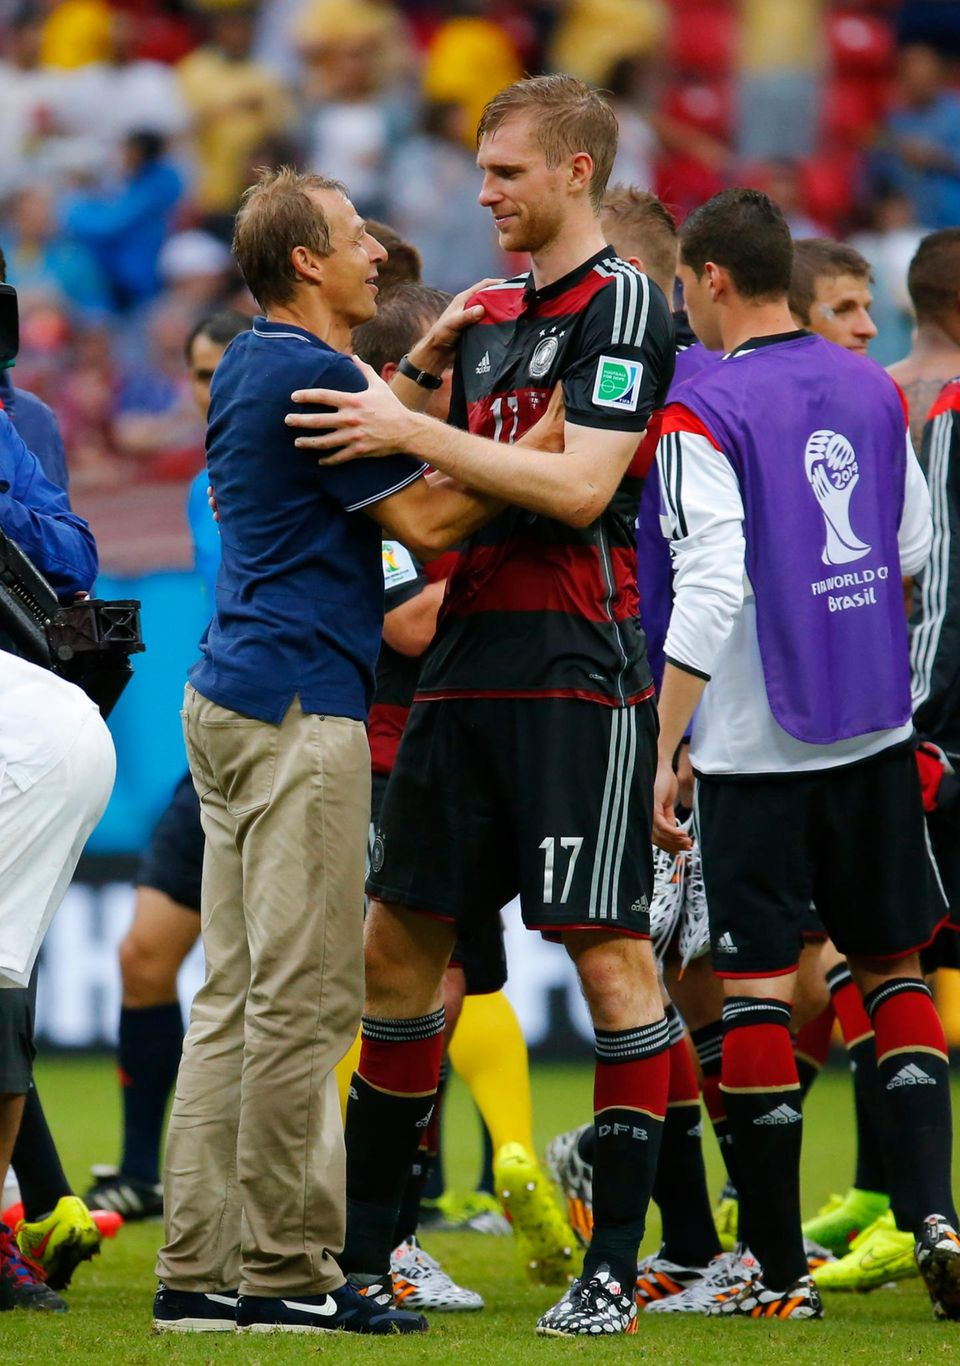 Per Mertesacker war schon in der deutschen Nationalmannschaft als Jürgen Klinsmann noch Trainer war. Deshalb verstehen sich die beiden auch heute noch blendend.